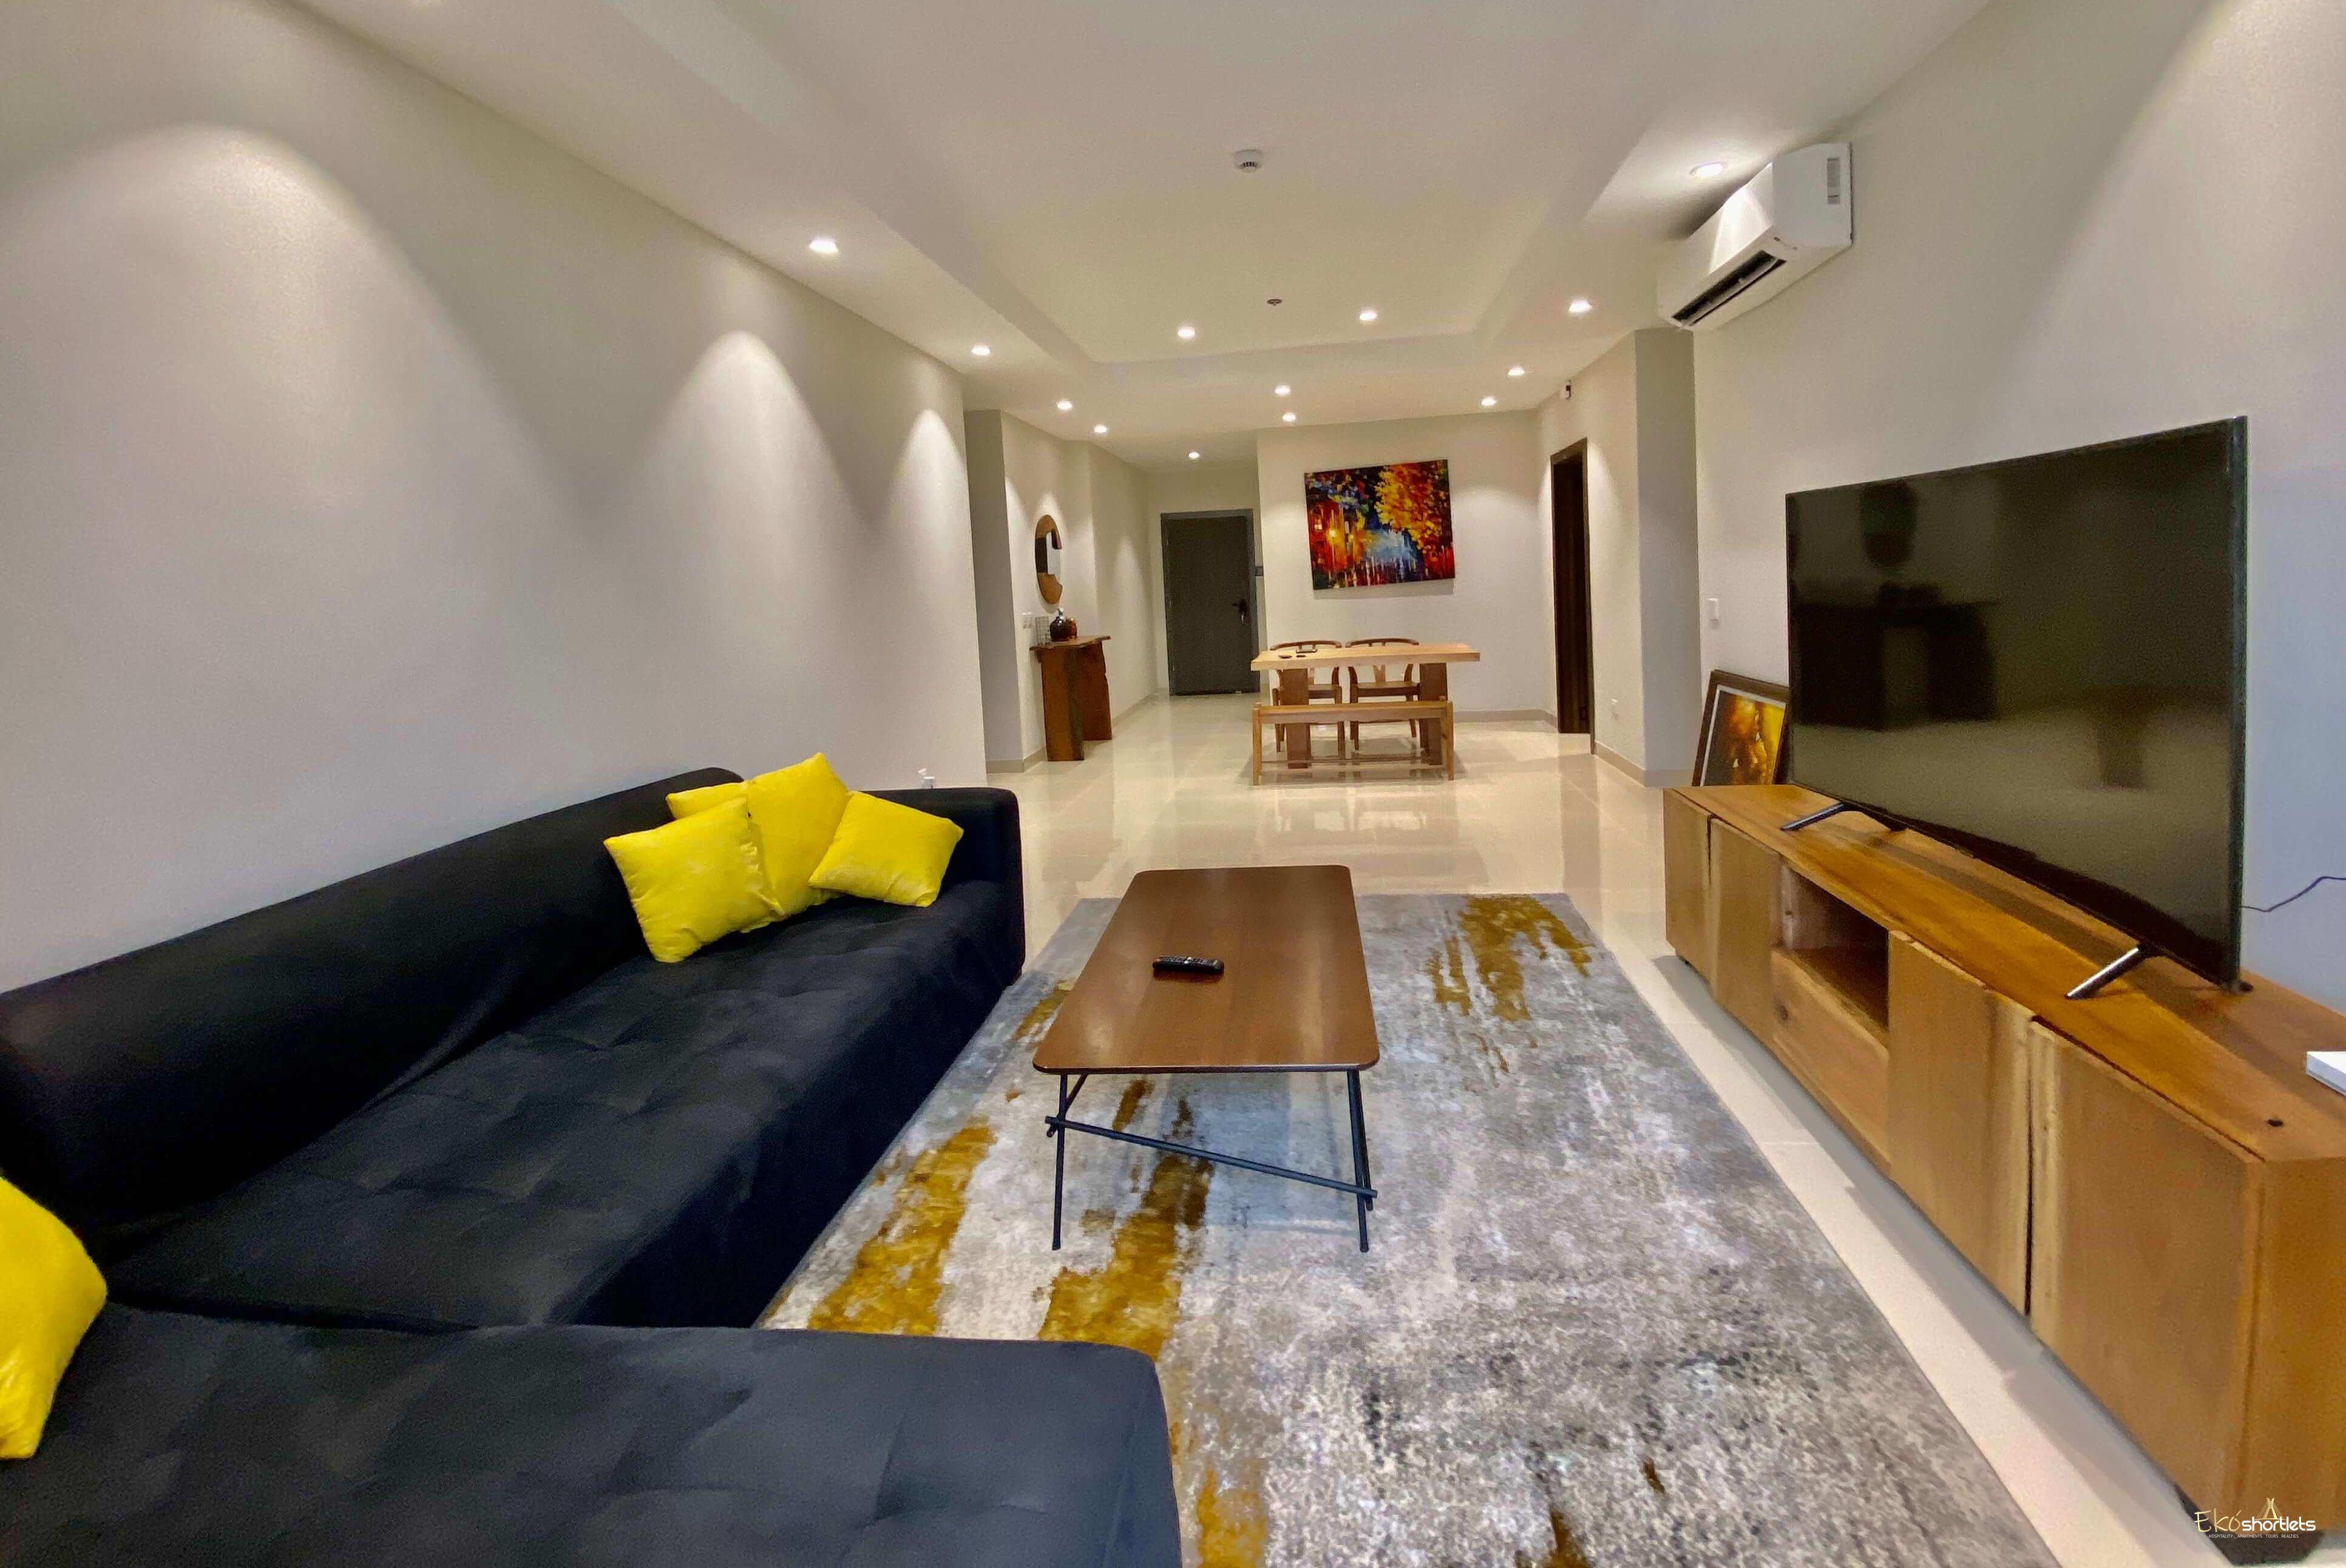 2 Bedroom - Bluewaters - 3rd floor - Liz